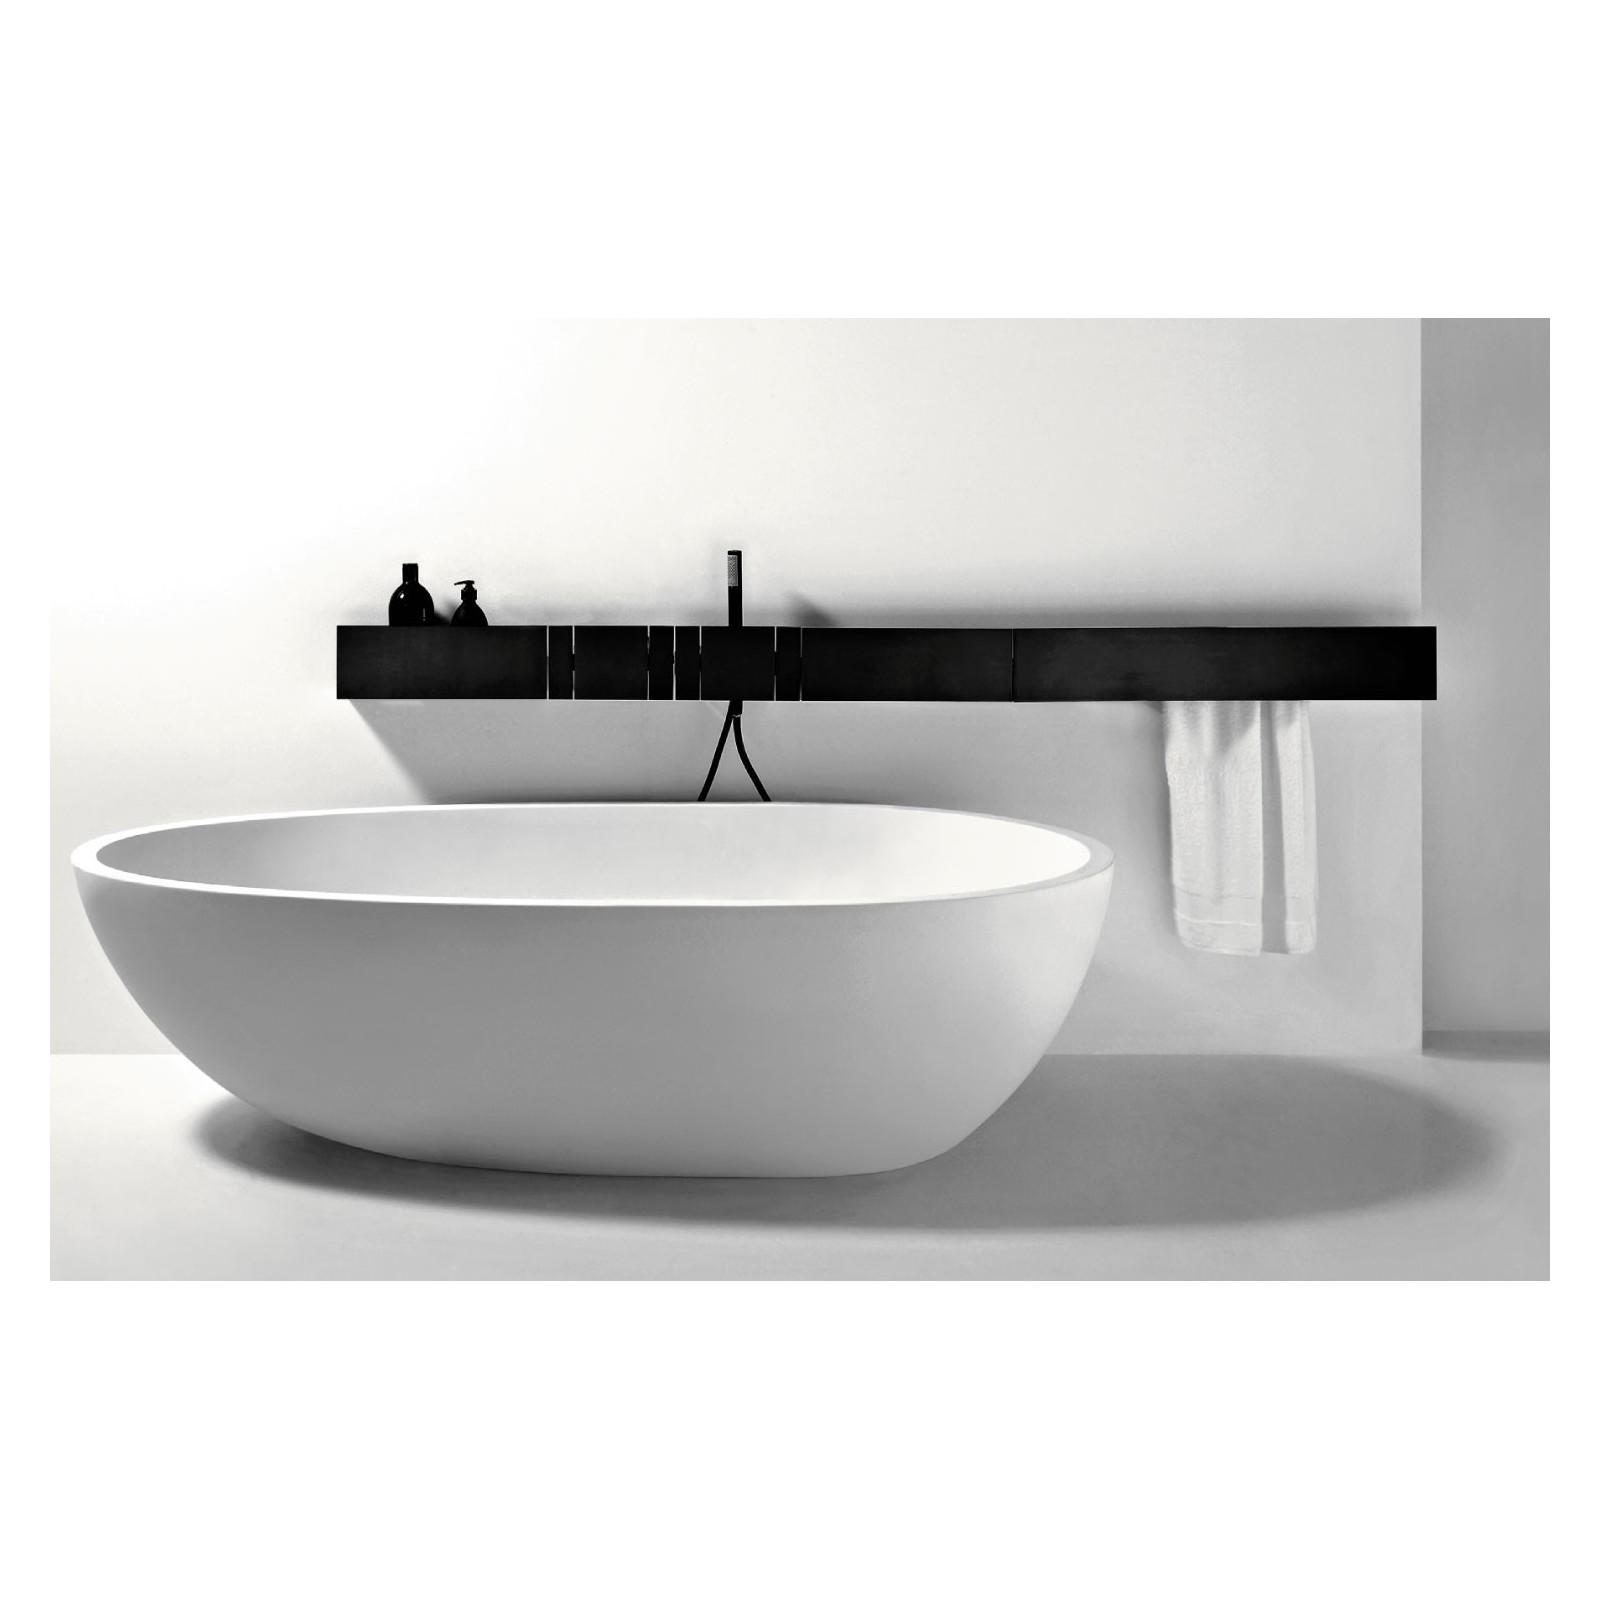 Sen accessori da bagno by Agape - ConteCom